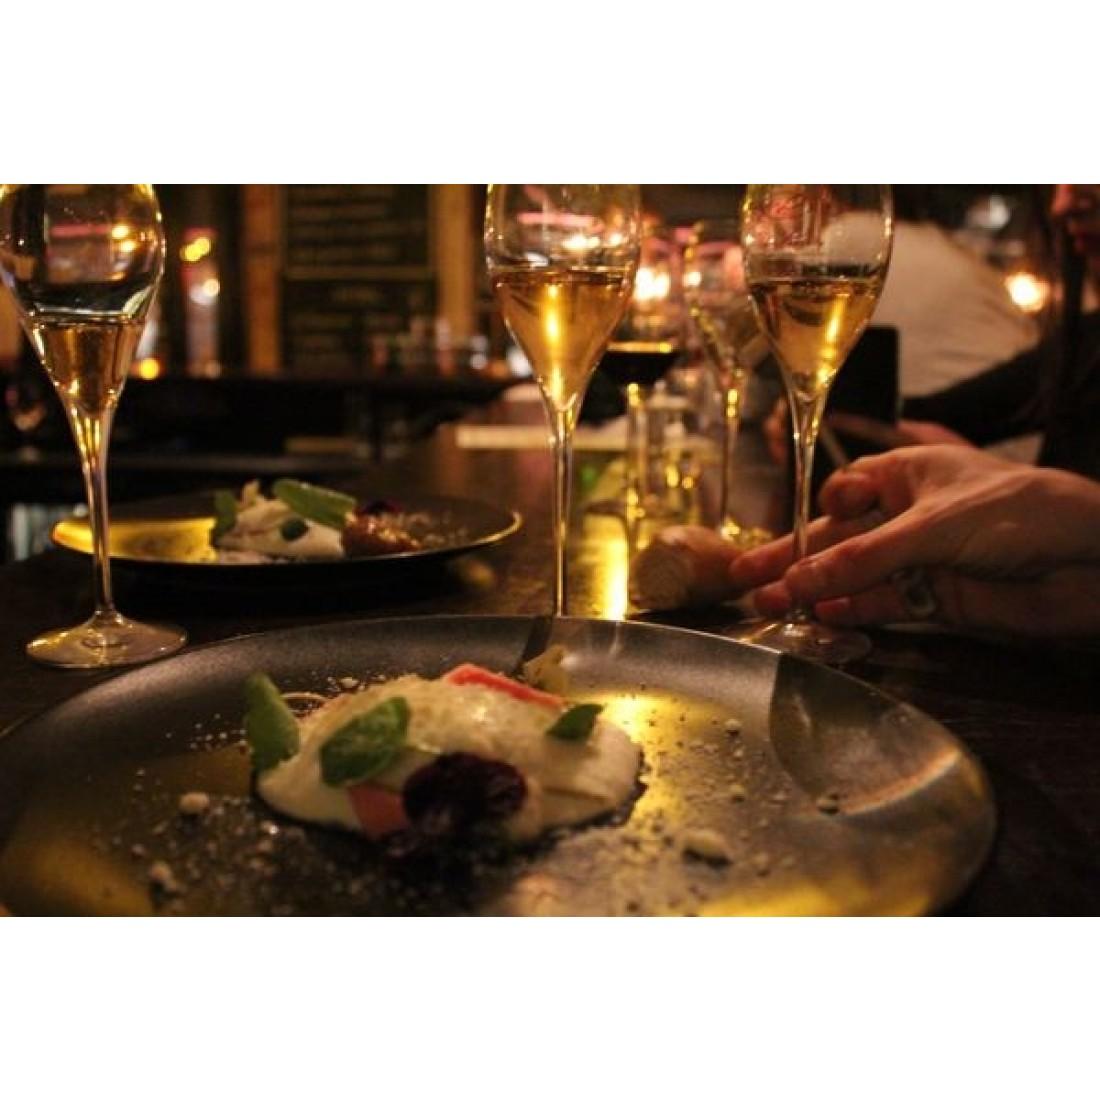 Champagnemiddag på Vesterbro Vinstue tirsdag den 15 december kl. 18.30-31